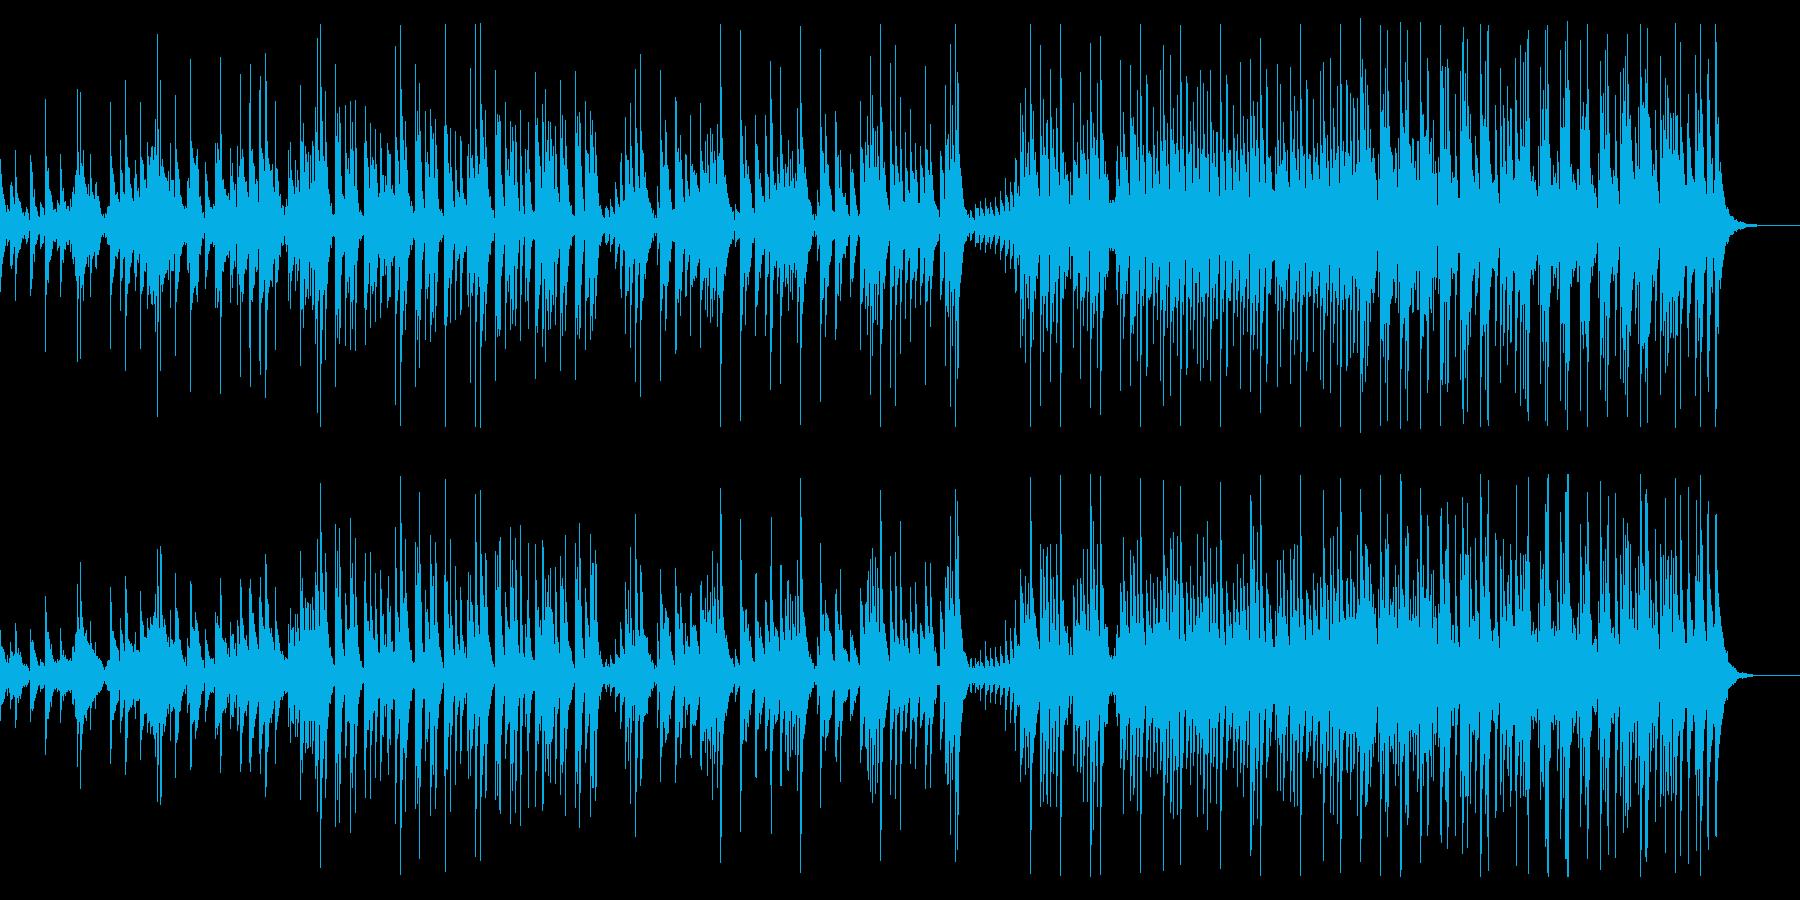 大太鼓と締太鼓のアンサンブルの再生済みの波形